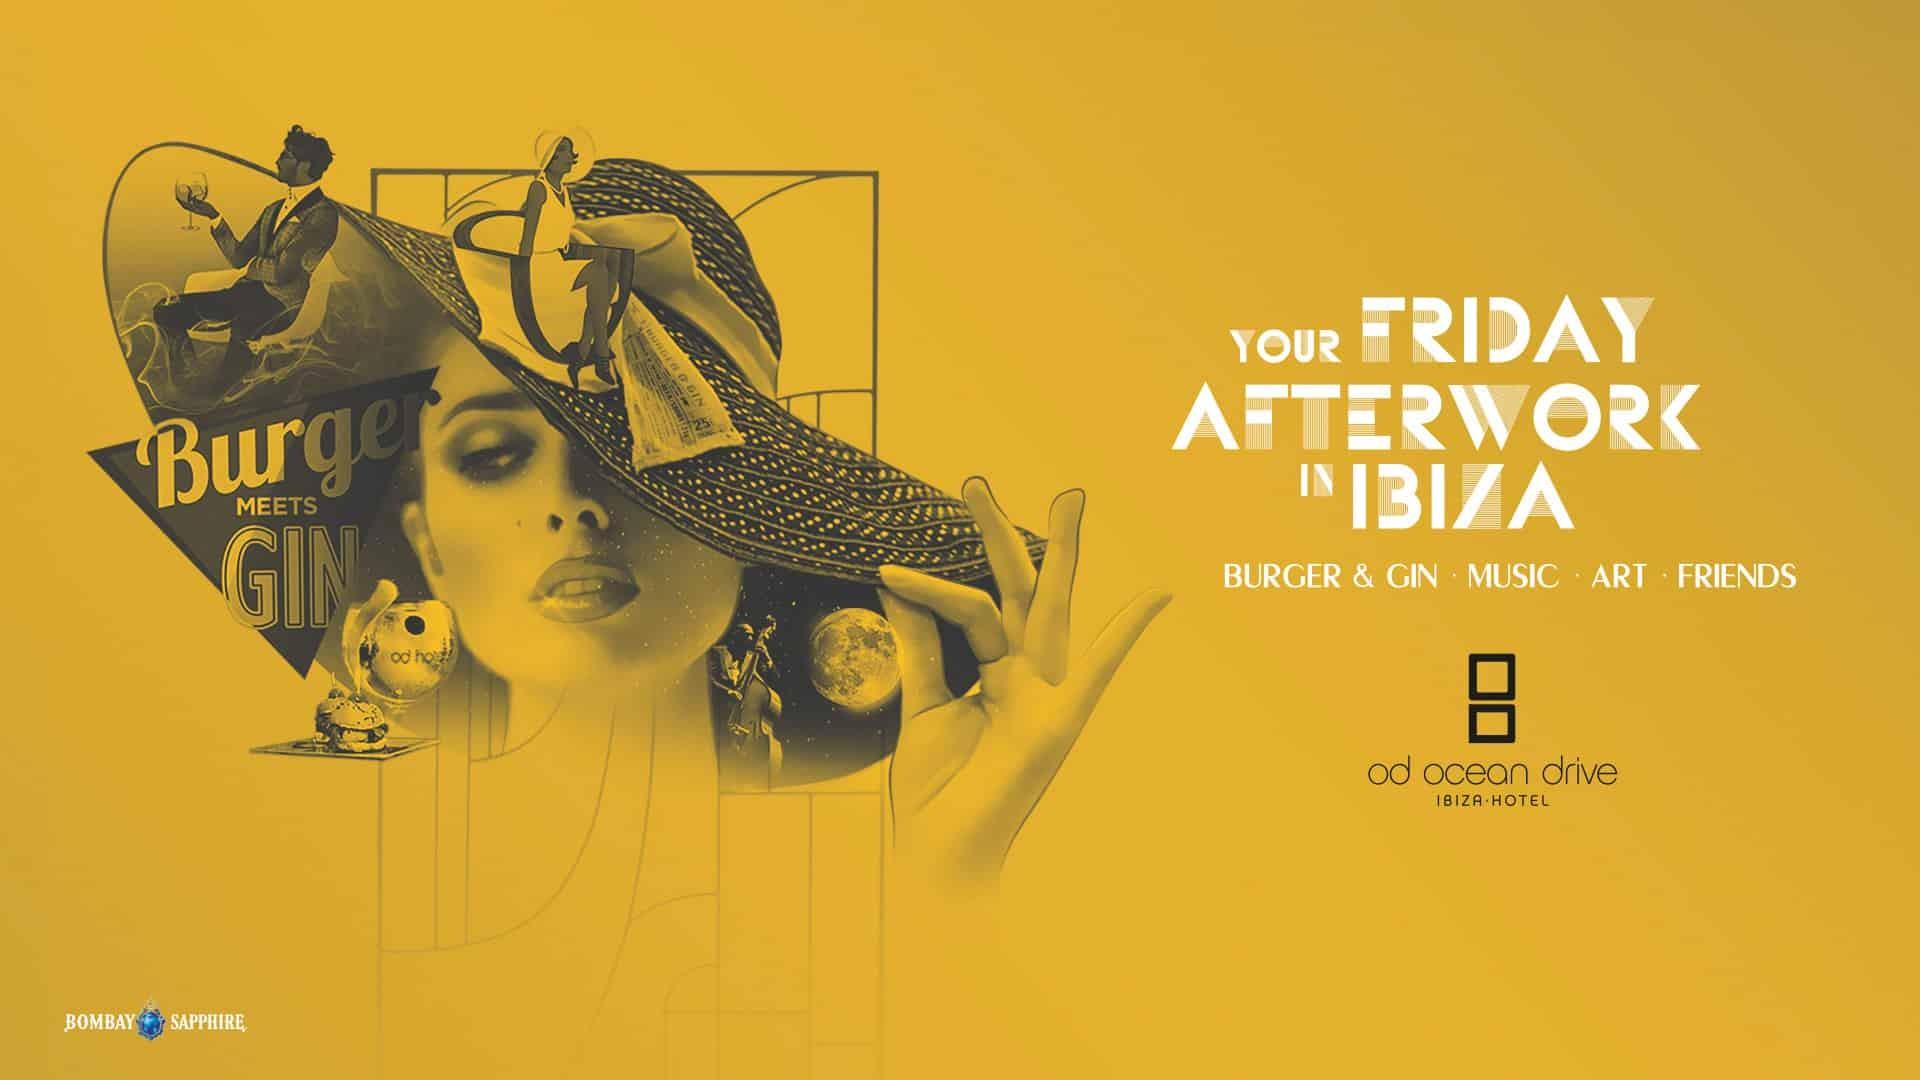 Calendario Anual 2018 E 2019 Más Recientes Burger Meets Gin afterwork Los Viernes En Od Ocean Drive Ibiza